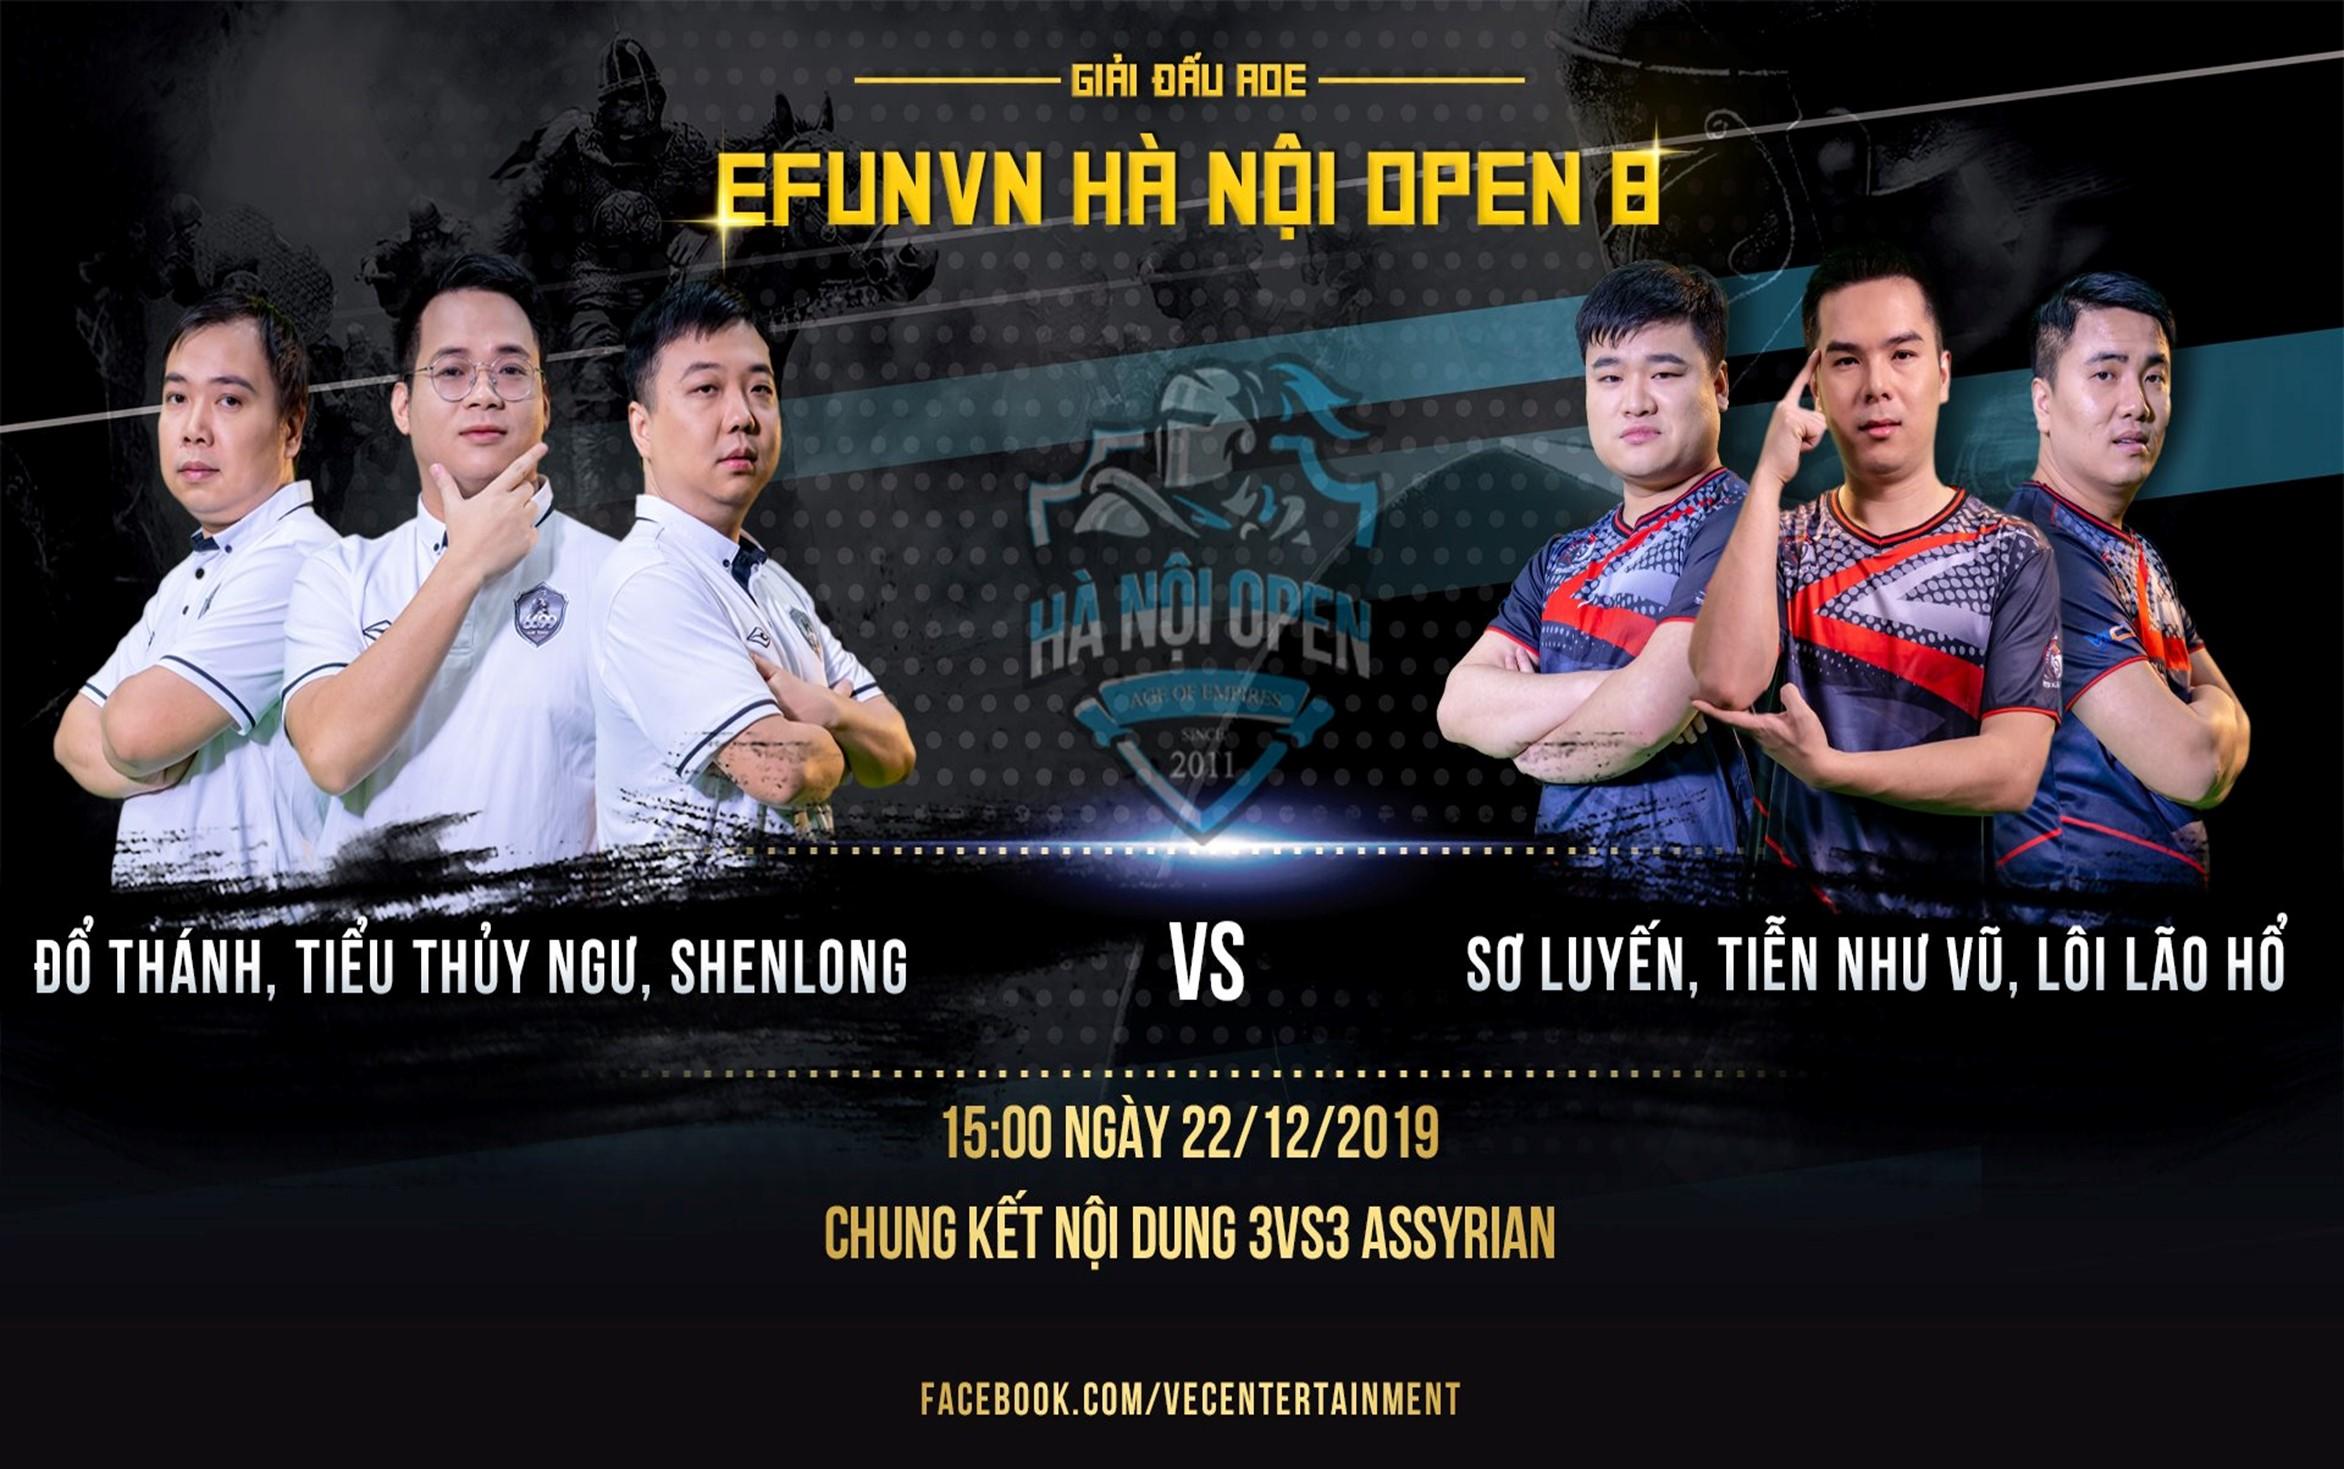 Tổng kết ngày thi đấu thứ 2 giải đấu AoE EFUNVN Hà Nội Open 8 Championship: Chung kết gọi tên các game thủ Trung Quốc